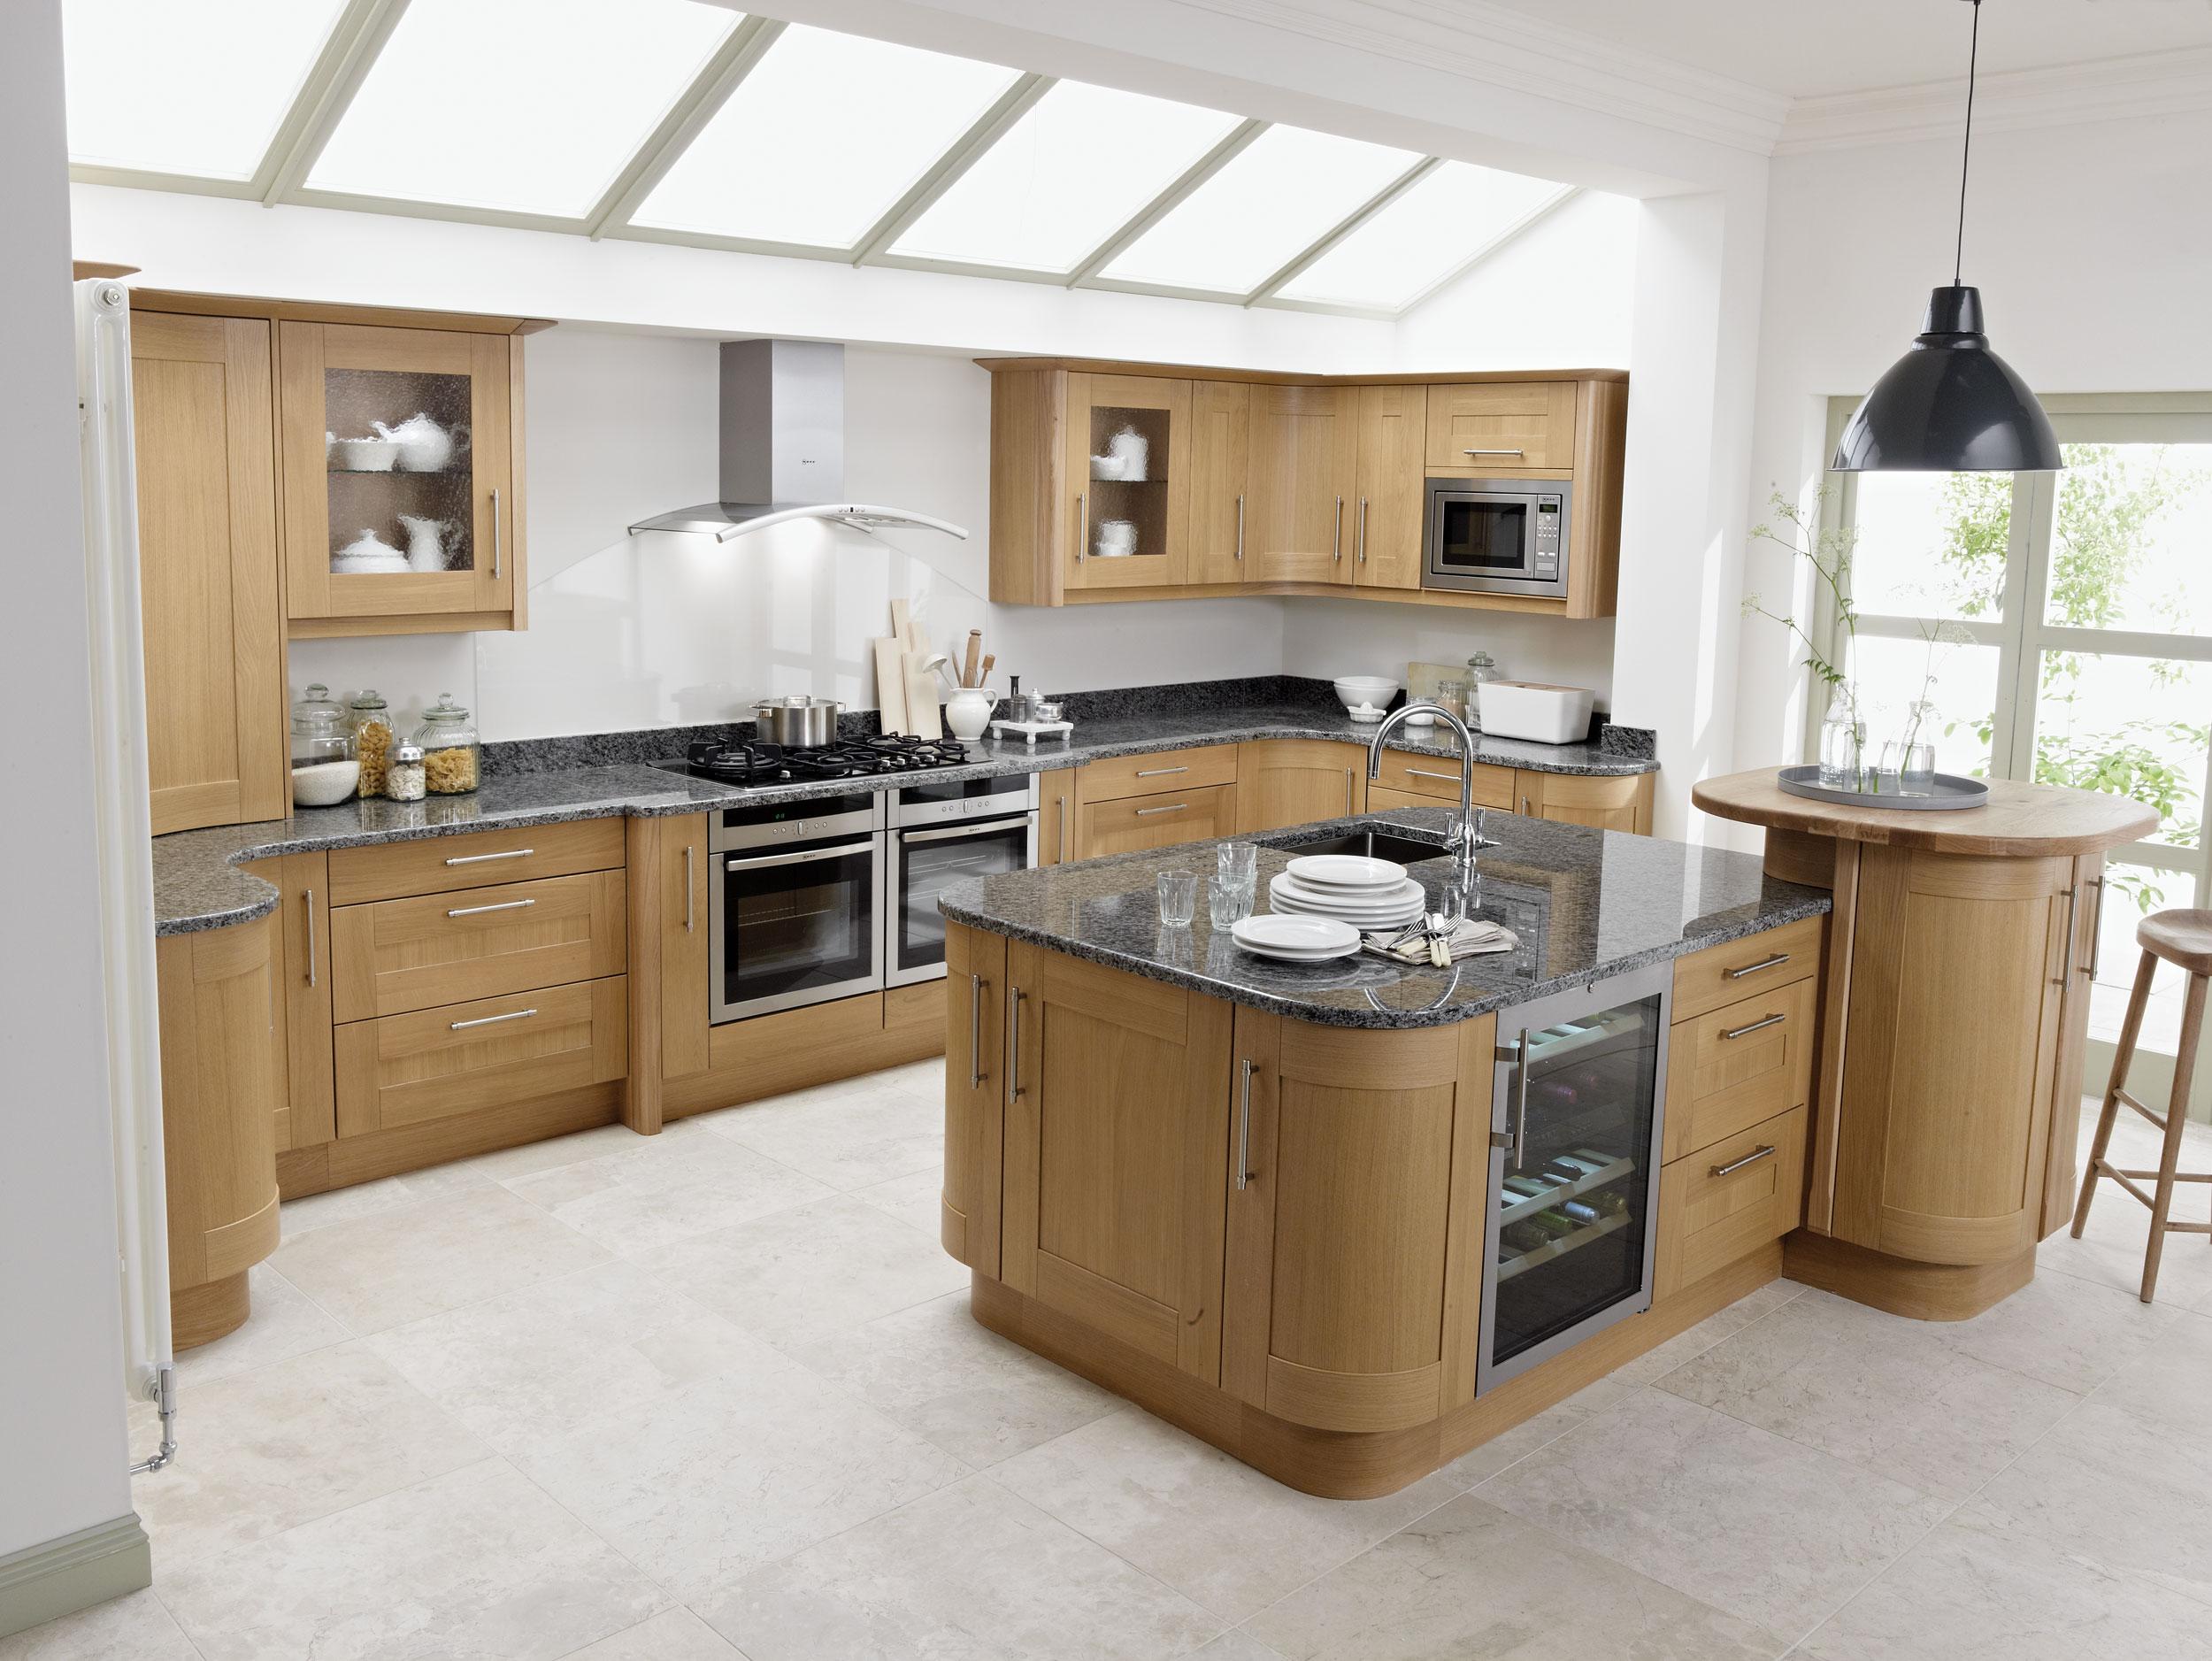 Chọn gạch cùng loại và tone màu cho đảo bếp và tường bếp